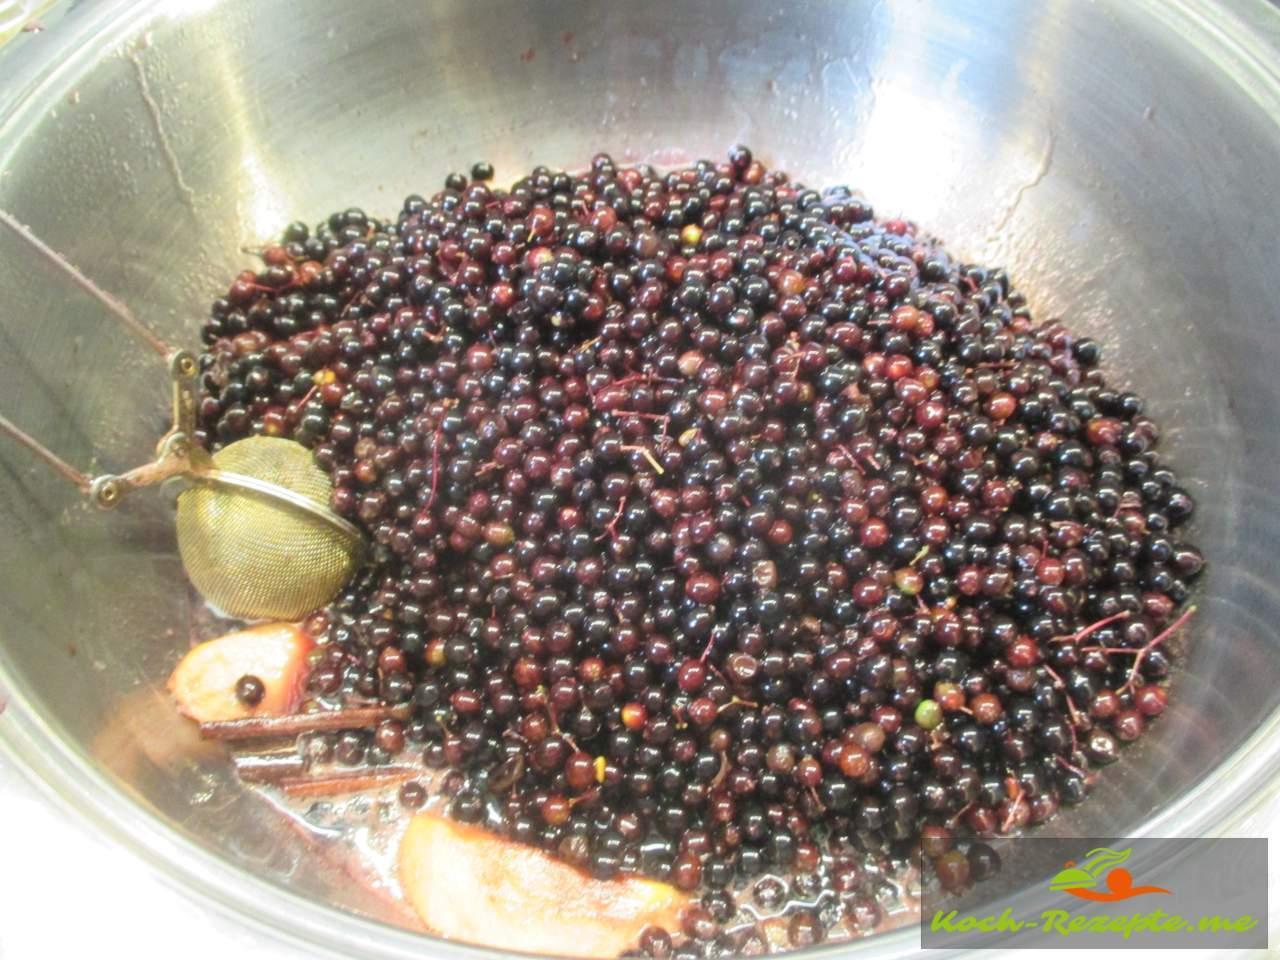 Zum Rotweinsud kommen die Beeren und Wasser